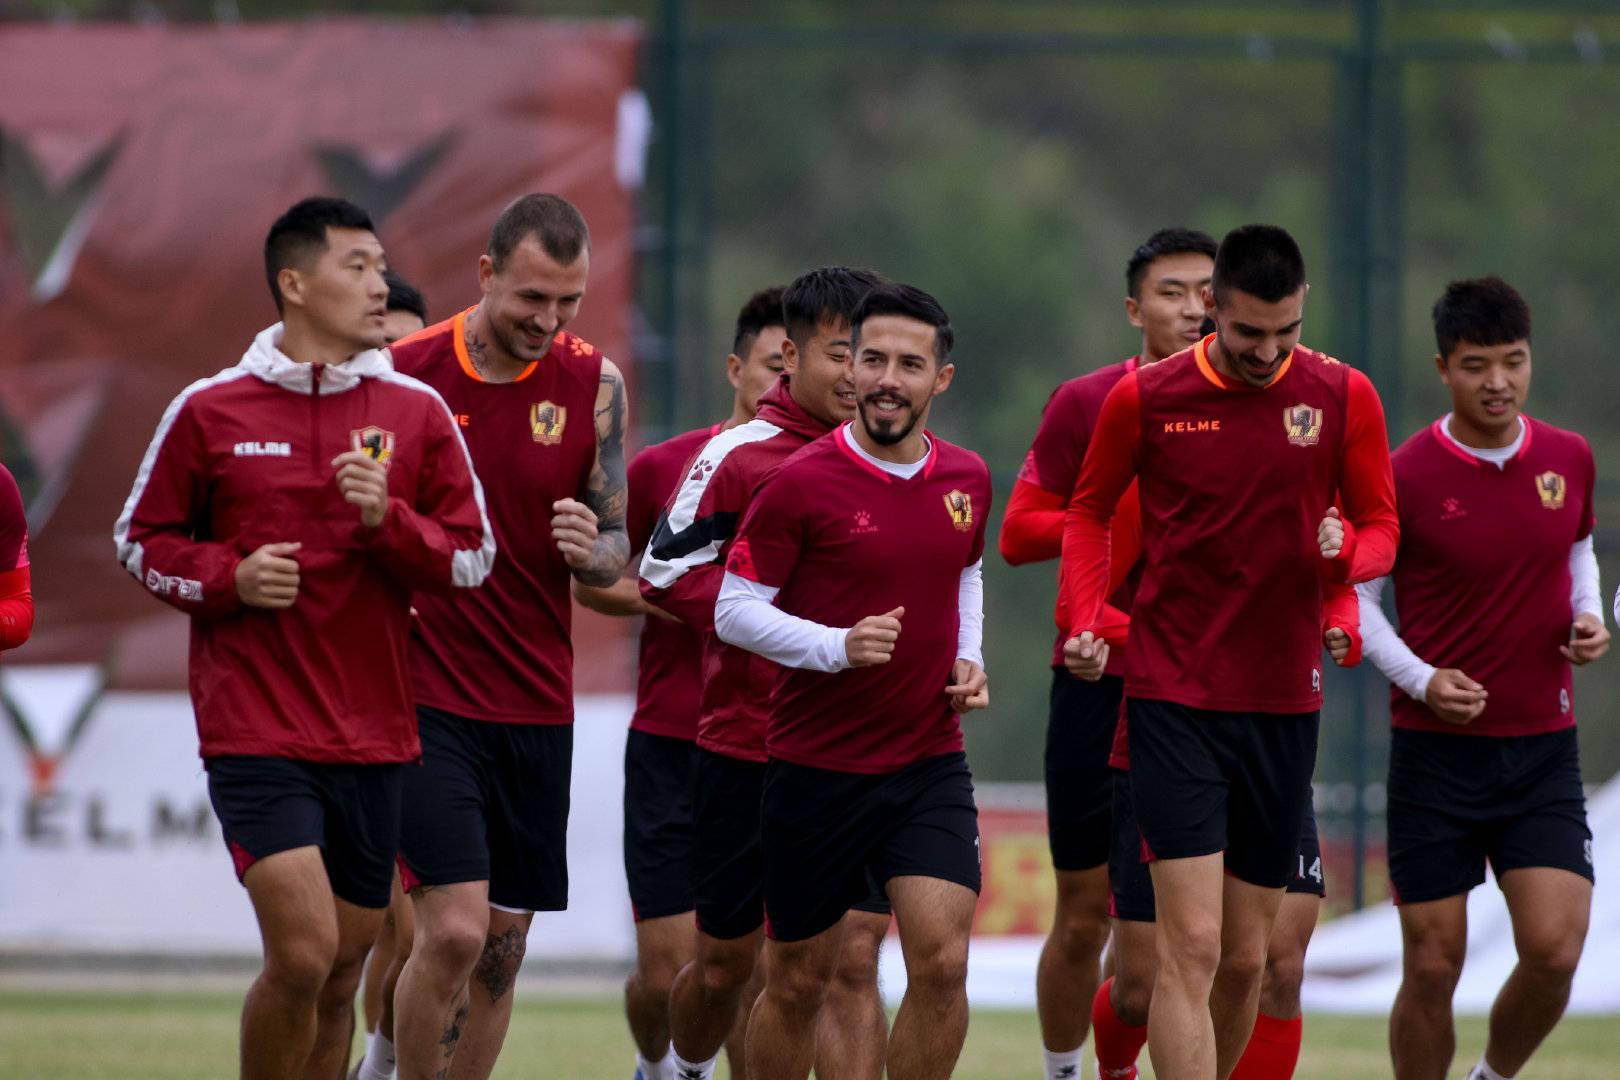 第二阶段首轮辽宁沈阳城市对阵贵州恒丰,贵州恒丰球员备战比赛